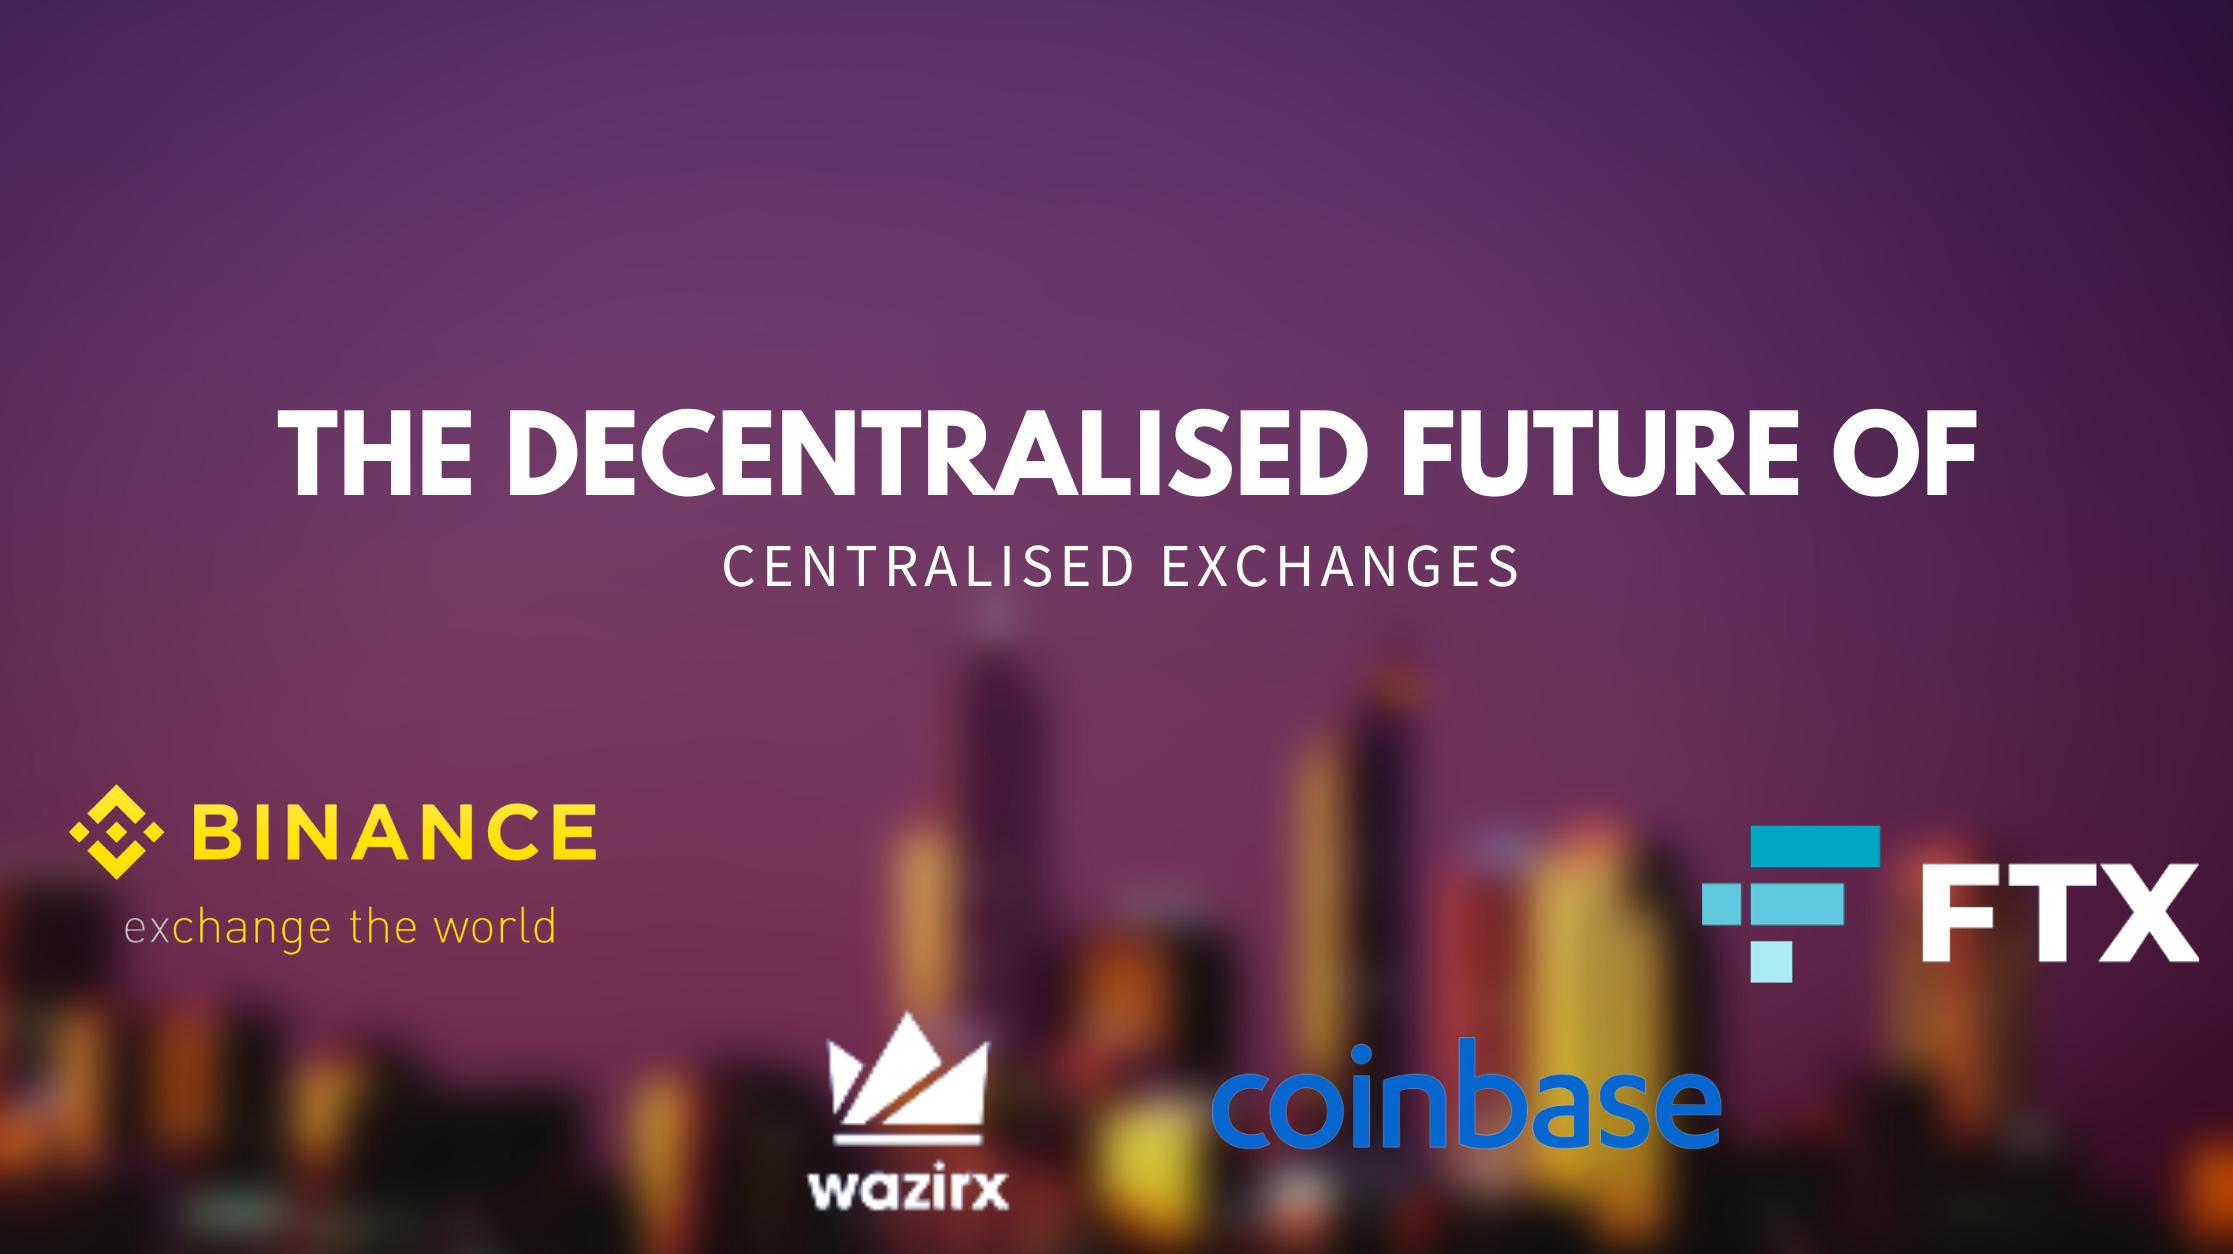 WazirX is launching decentralised exchange (DEX)